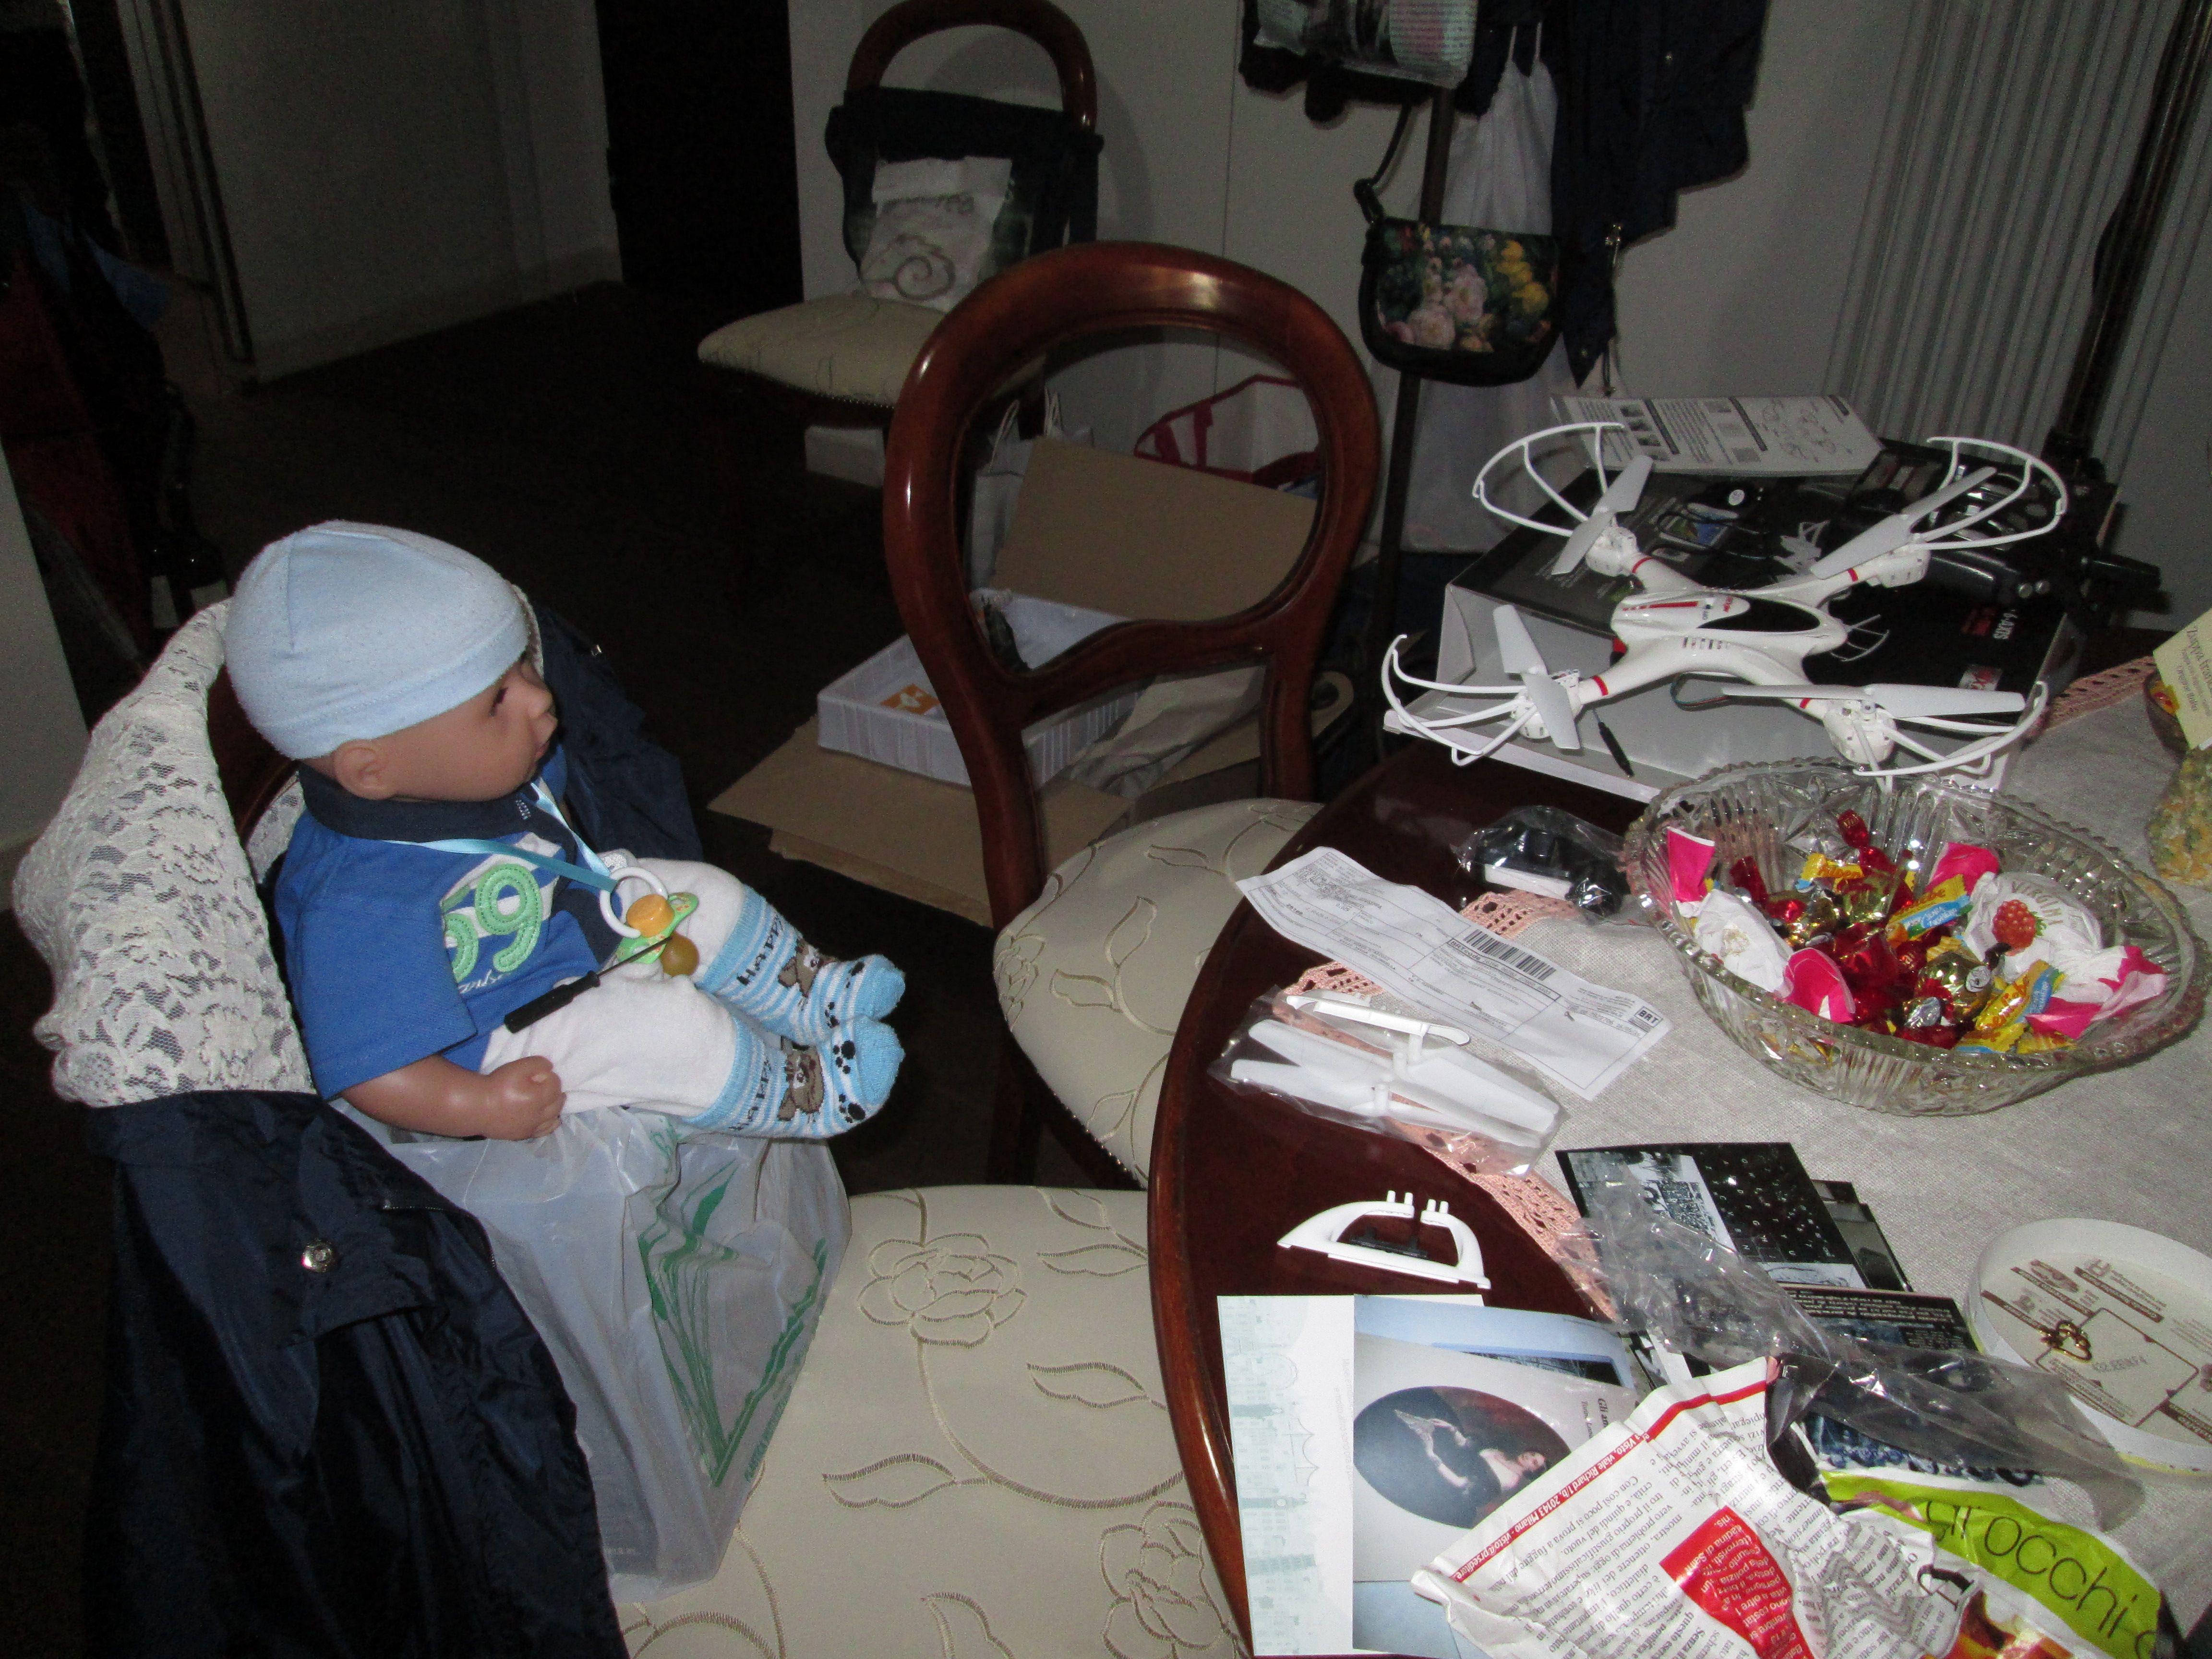 """Operazioni """"casalinghe"""" di montaggio del drone arrivato oggi da amazon... con l'aiuto di un giovane aiutante!!!"""